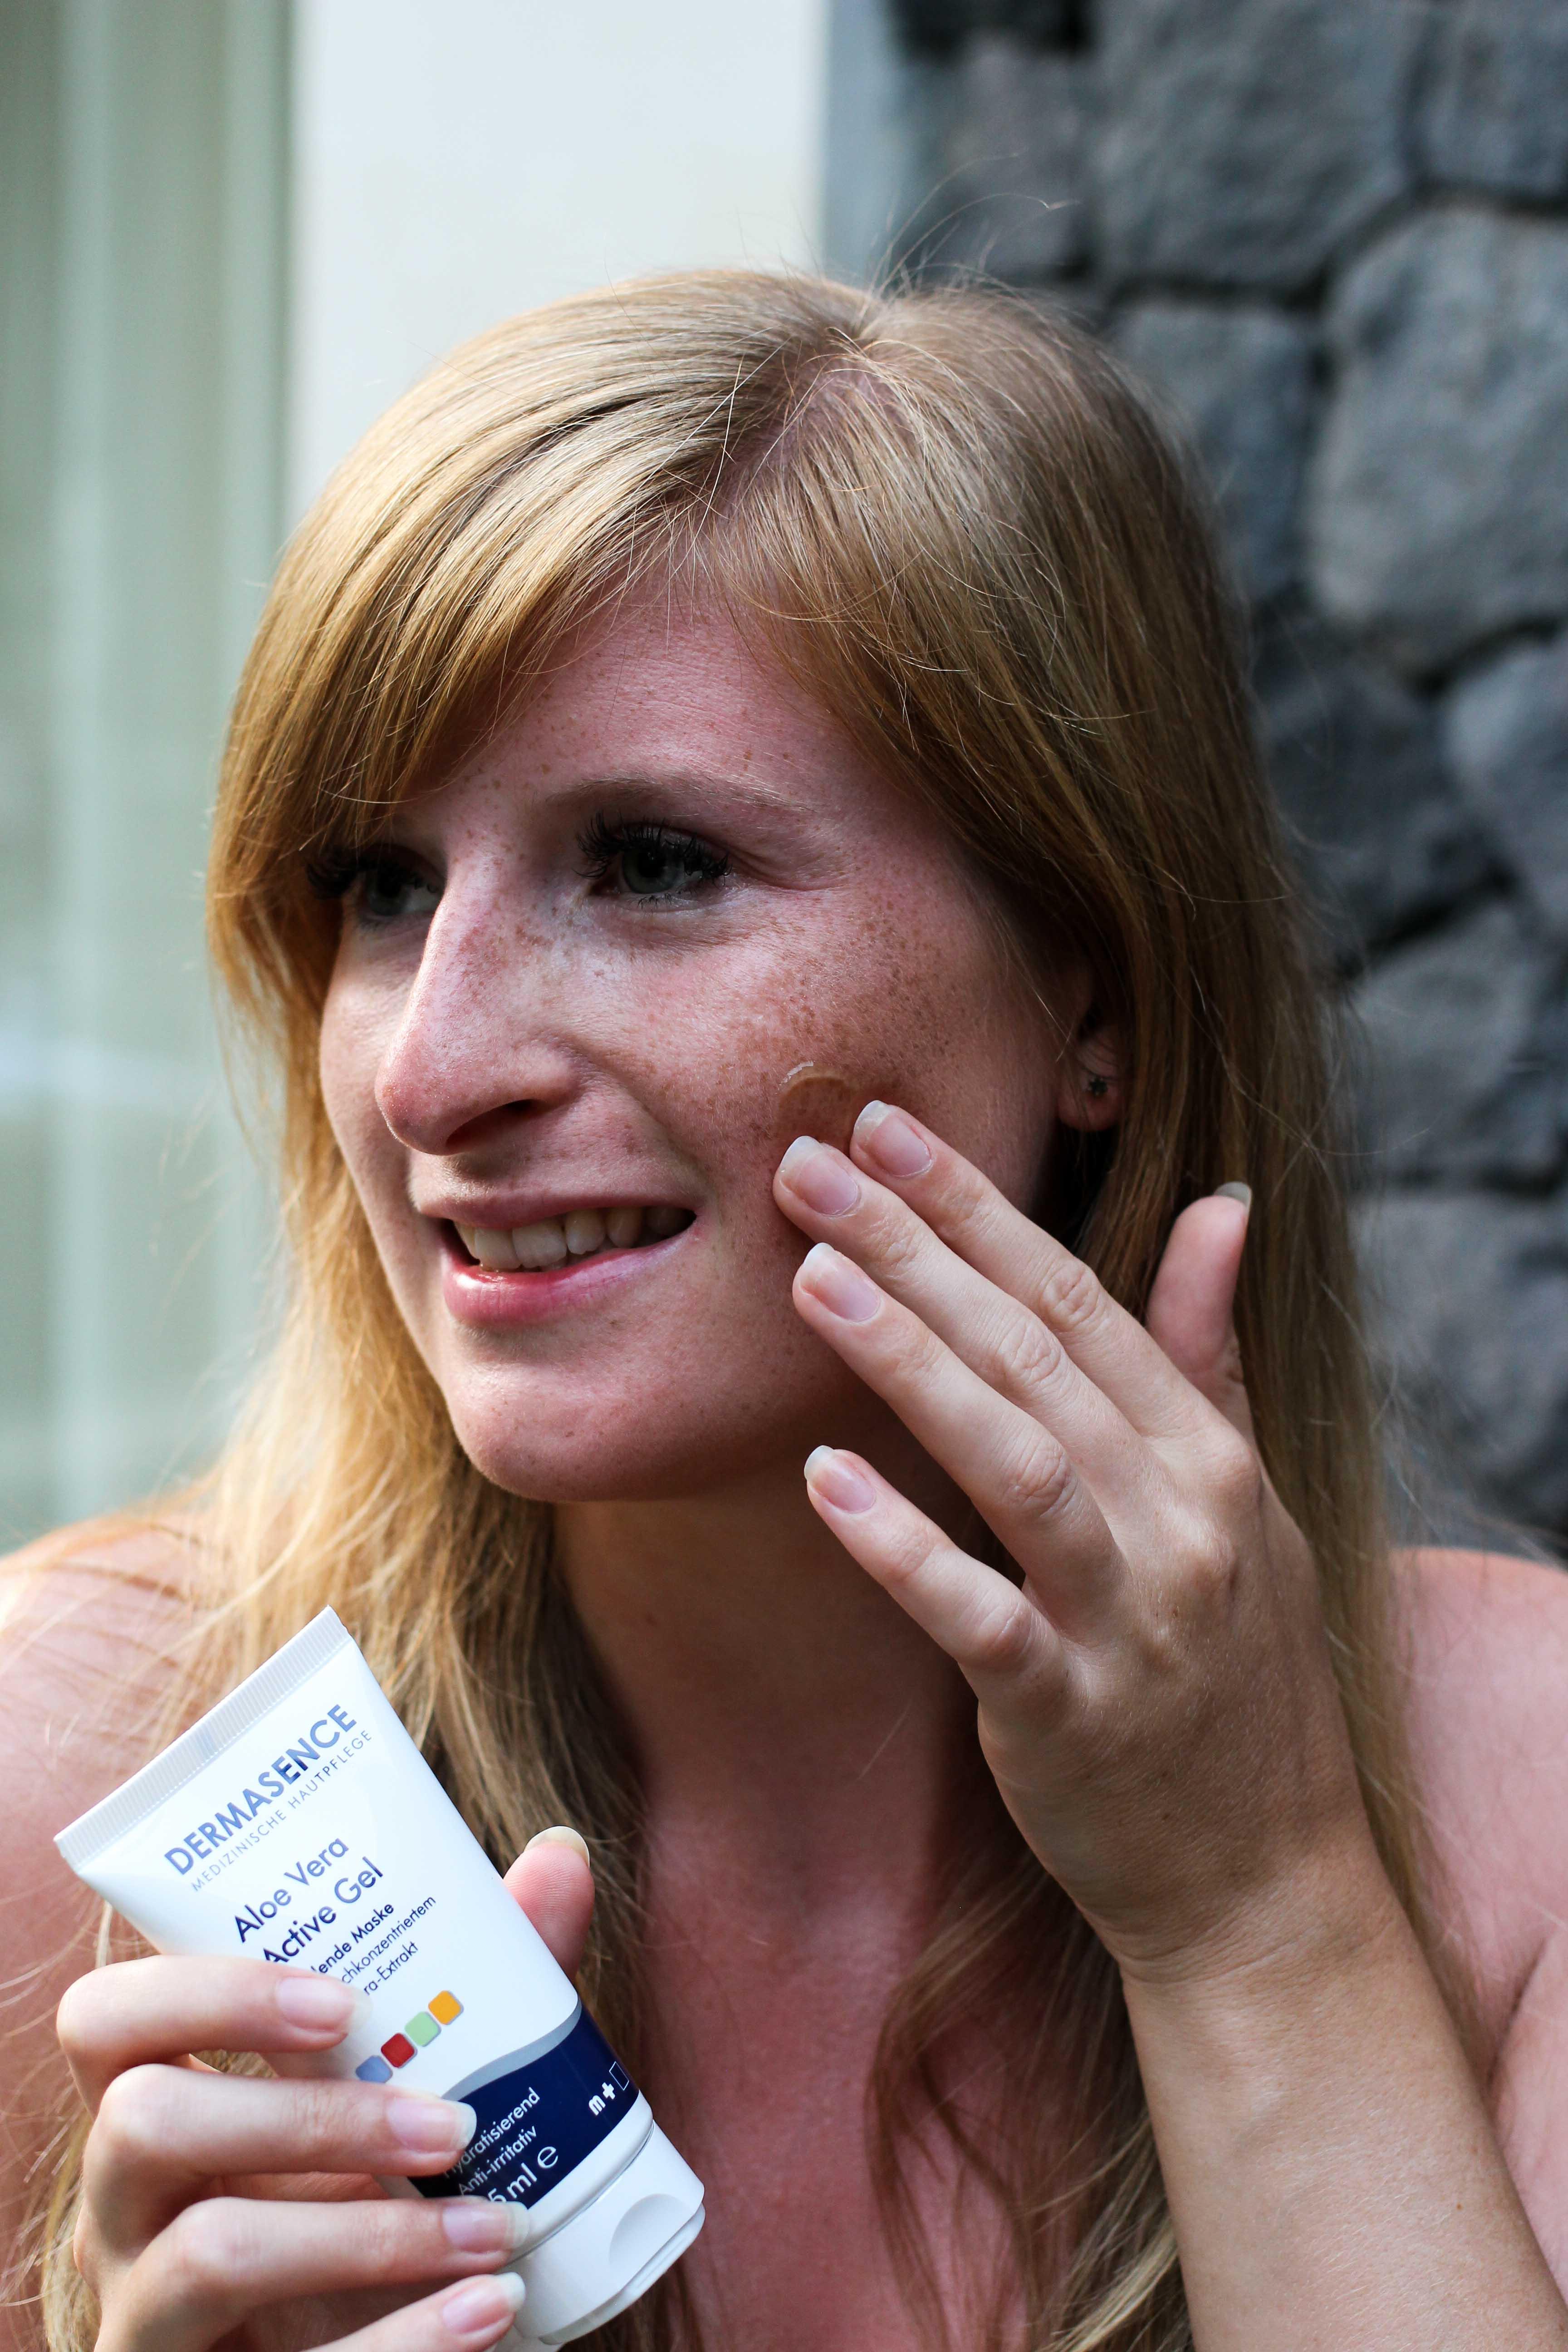 Urlaubs-Hautpflege Sommerurlaub trockene empfindliche Haut Dermasence Aloe Vera Active Gel After Sun Pflege Beauty Blog Bali